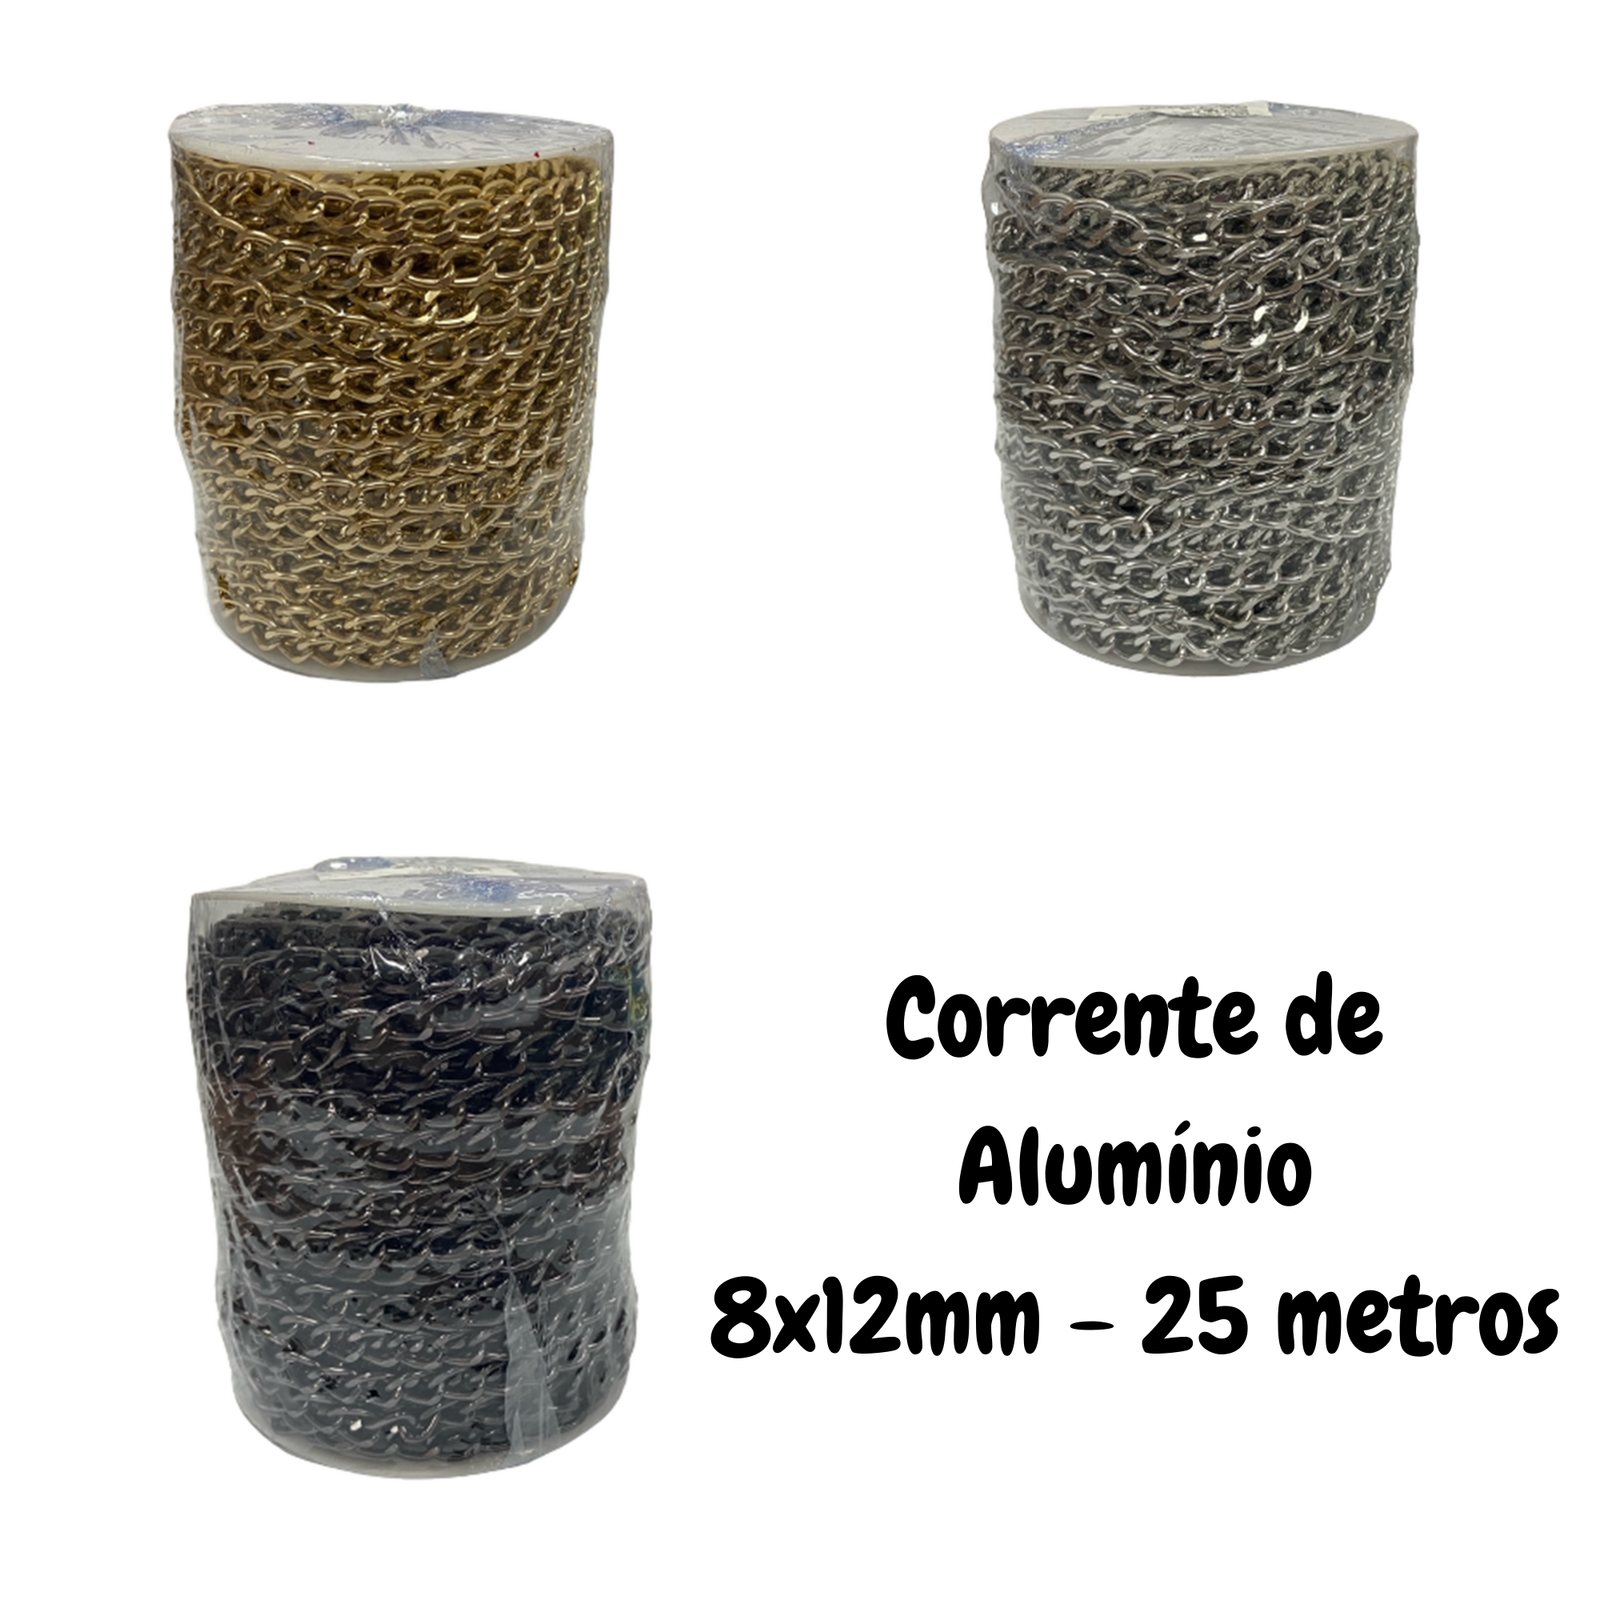 Corrente de Alumínio 10x15mm - 25 metros